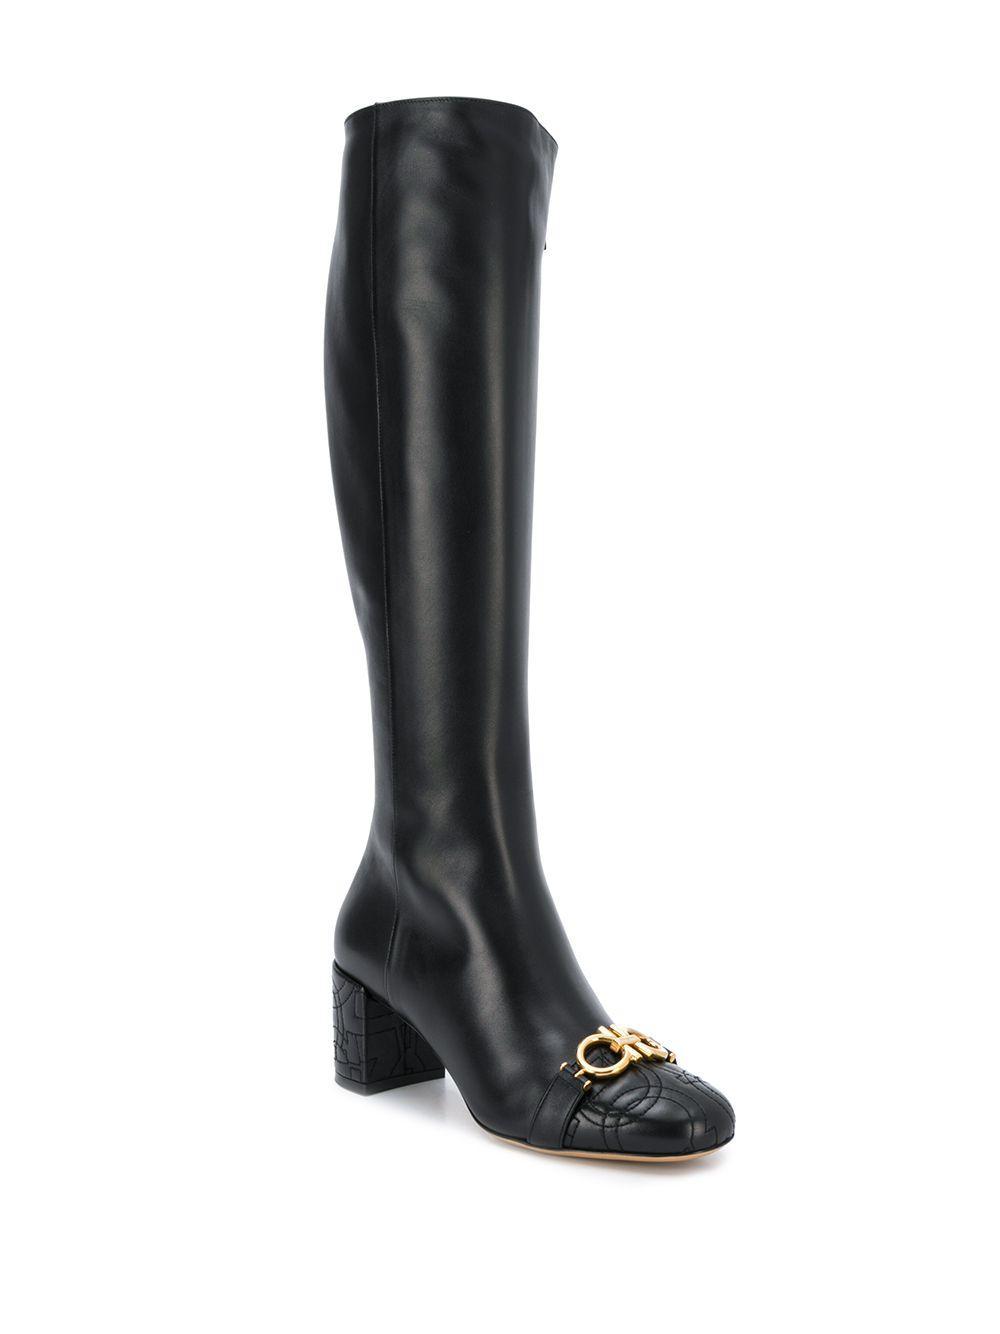 Botas Gancini acolchadas Ferragamo de Cuero de color Negro